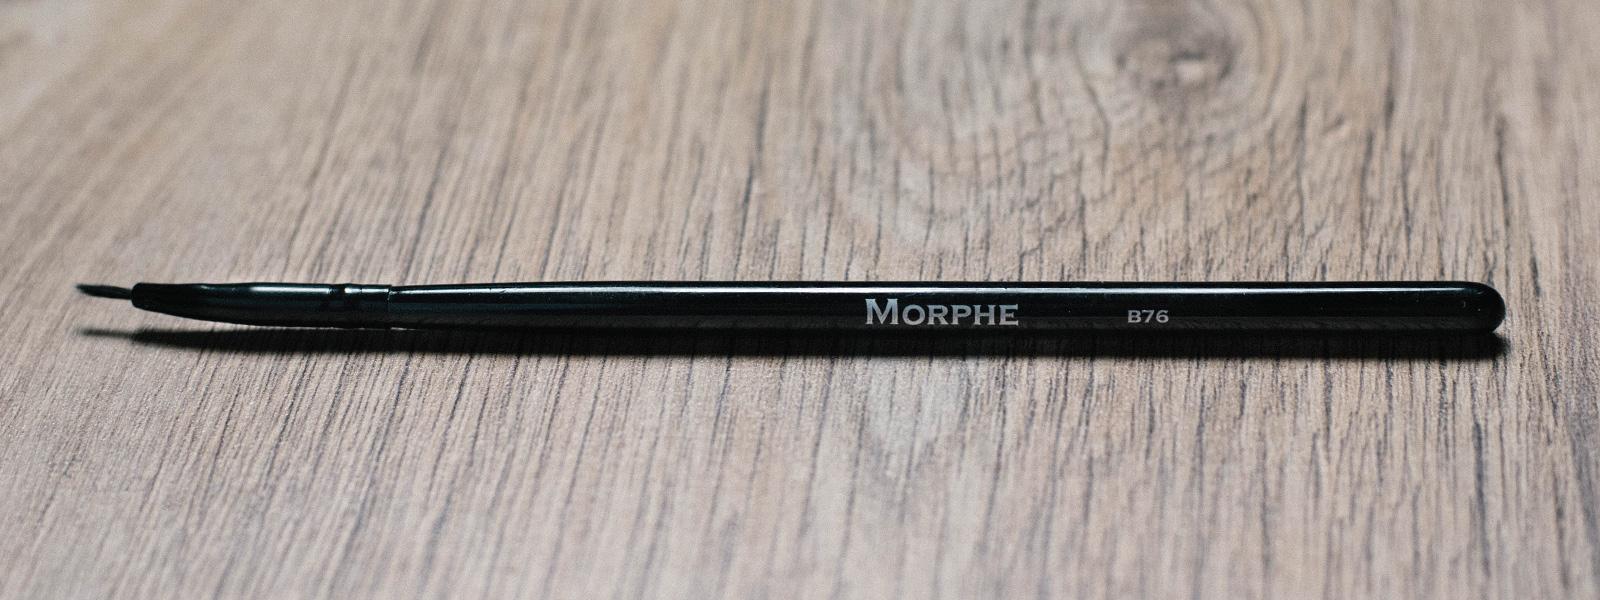 Morphe Brushes B76 Bent Liner Brush